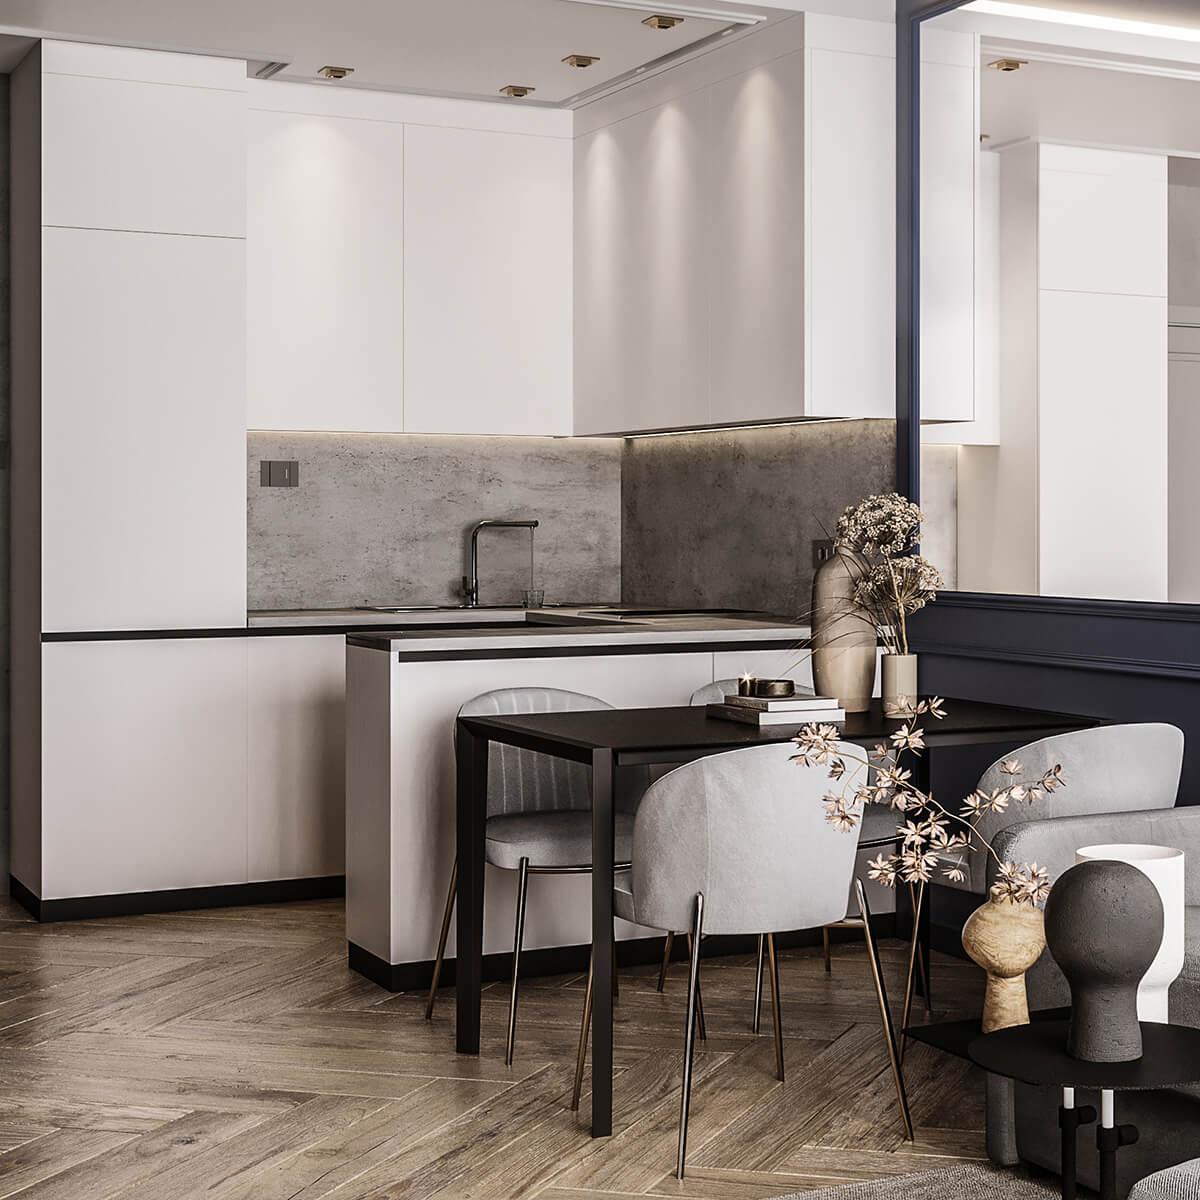 interioren-dizain-proekt-na-kuhnia-po-porushka-esteta-design